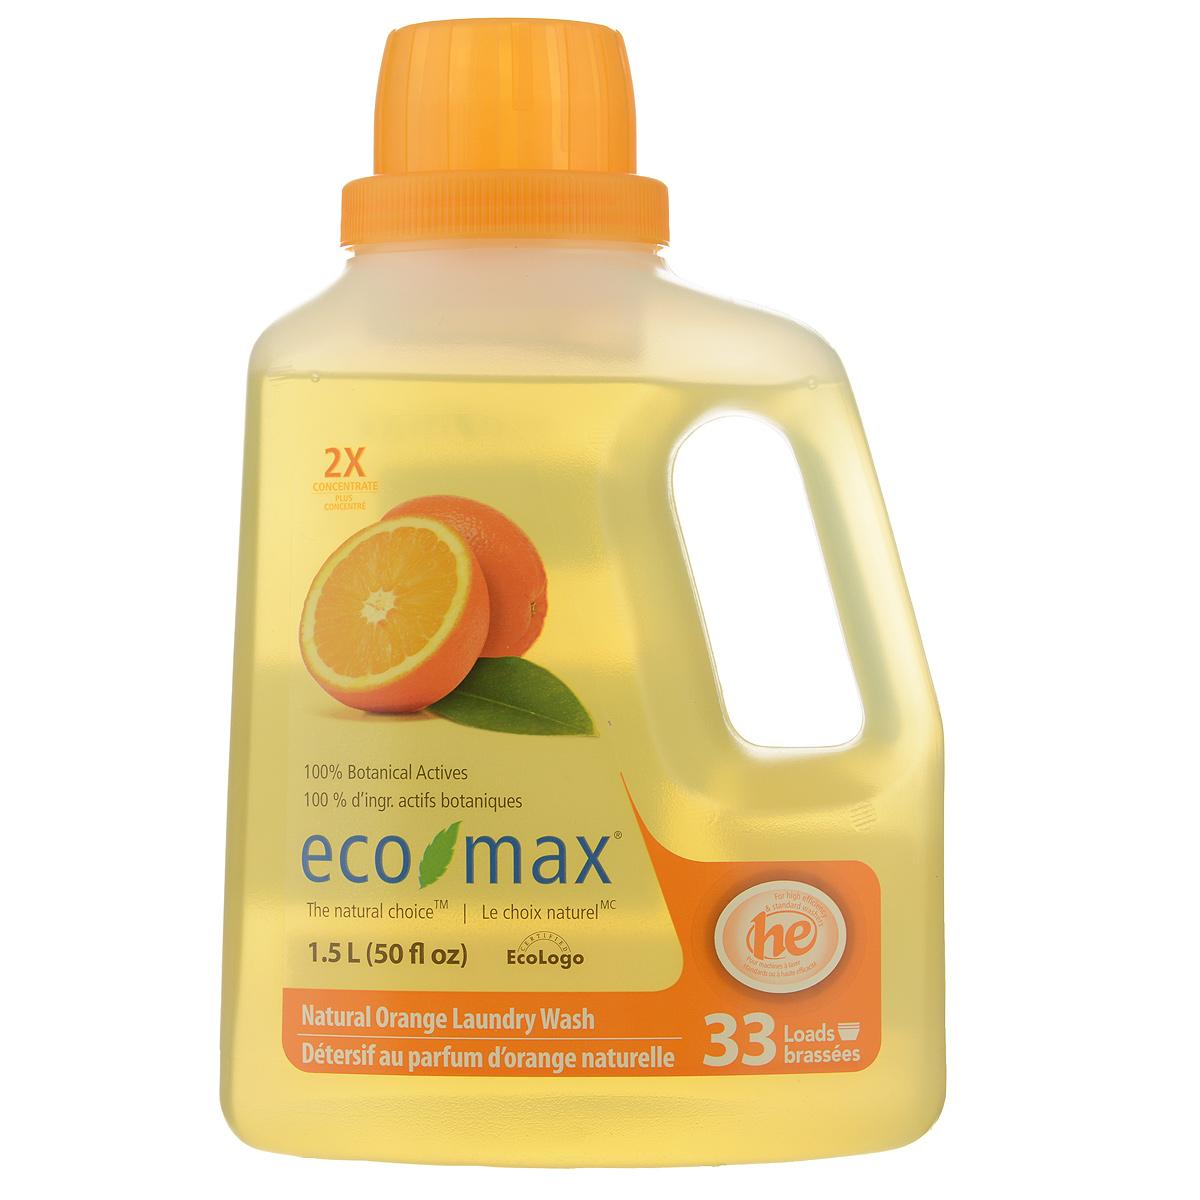 Жидкое средство для стирки Eco Max Апельсин, концентрированное, 1,5 лEmax-C130Жидкое средство для стирки Eco Max Апельсин - полностью натуральное, на растительной основе средство для стирки с освежающим апельсиновым ароматом. Благодаря низкому пенообразованию и отсутствию осадка безопасно для использования в стиральной машине. Нетоксично, без осадка, безопасно для детской одежды. В этом средстве используются активные чистящие вещества ингредиентов, полученных из биоразлагаемых и возобновляемых растительных источников. Экономично: одного флакона хватает на 50 стирок. Подходит для ручной и машинной стирки, для всех типов ткани. Состав: вода, растительные алкилполигликозиды (из кокосового масла и кукурузного сиропа), пищевая лимонная кислота, пищевой цитрат натрия, пищевой загуститель на основе целлюлозы и пищевой сорбат калия в качестве консерванта, натуральное эфирное масло апельсина. Товар сертифицирован.